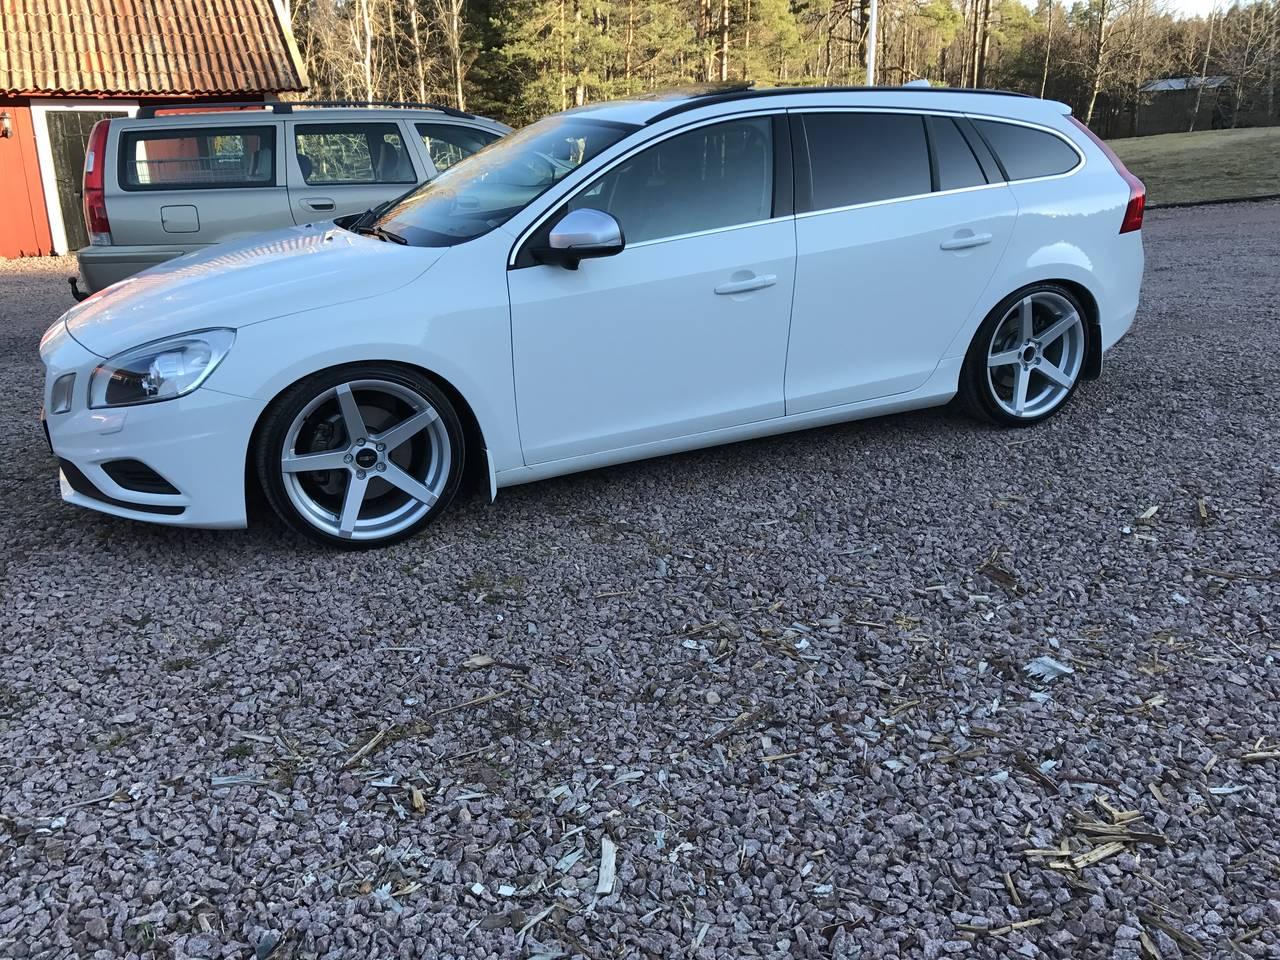 Volvo V60 D5 R Design 2011 Garaget